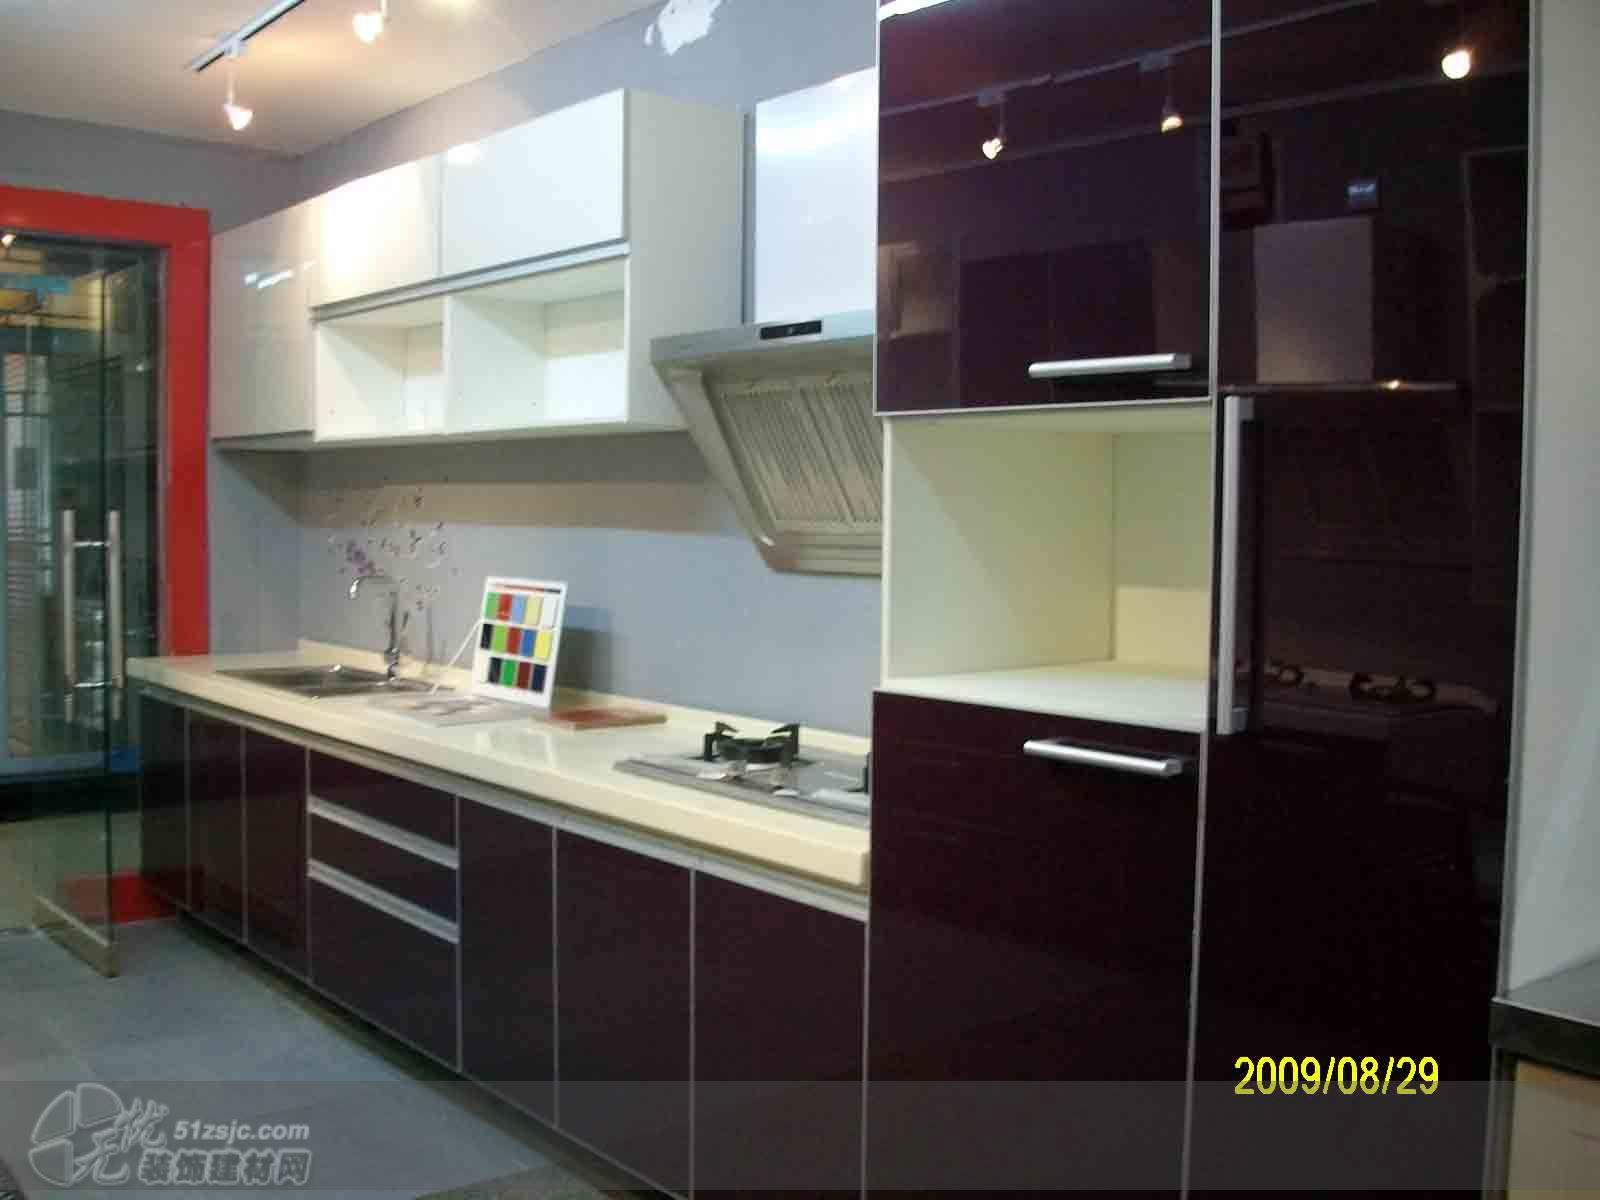 七厨房整体橱柜济南专卖店